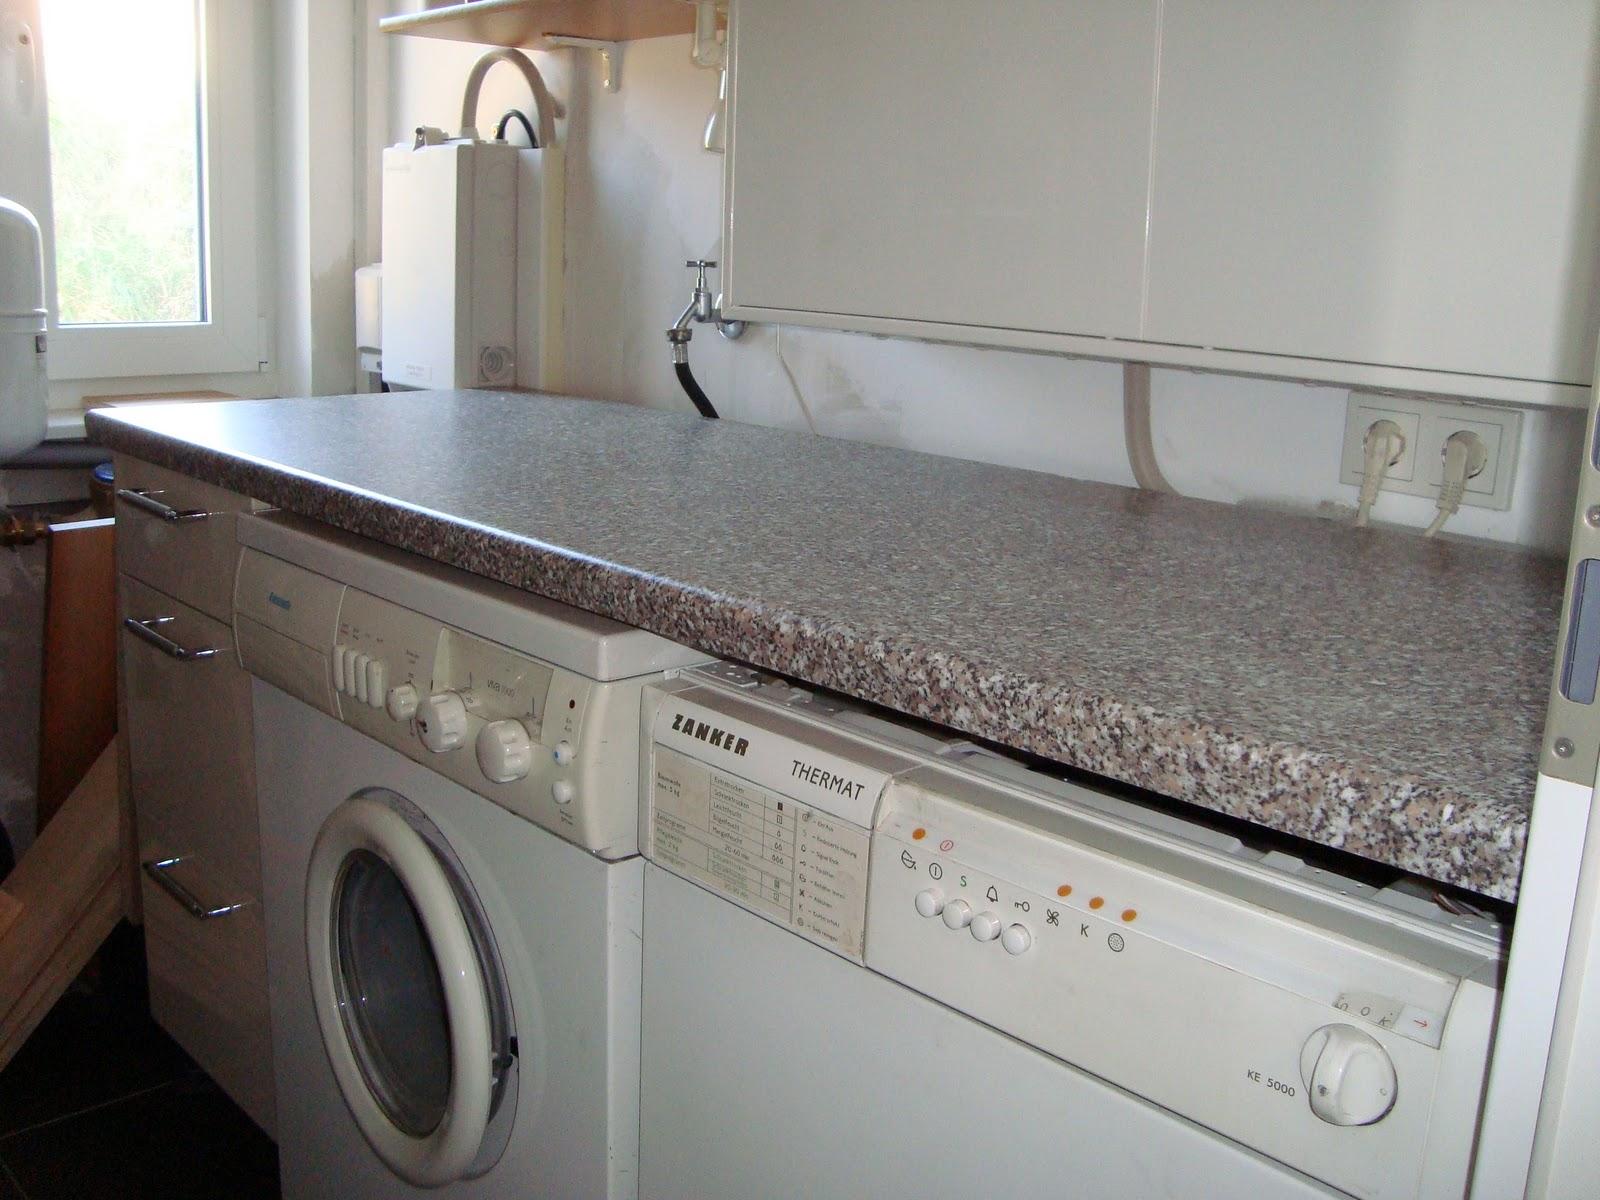 Waschmaschine In Die Küche Integrieren | Waschmaschine In Küche ...